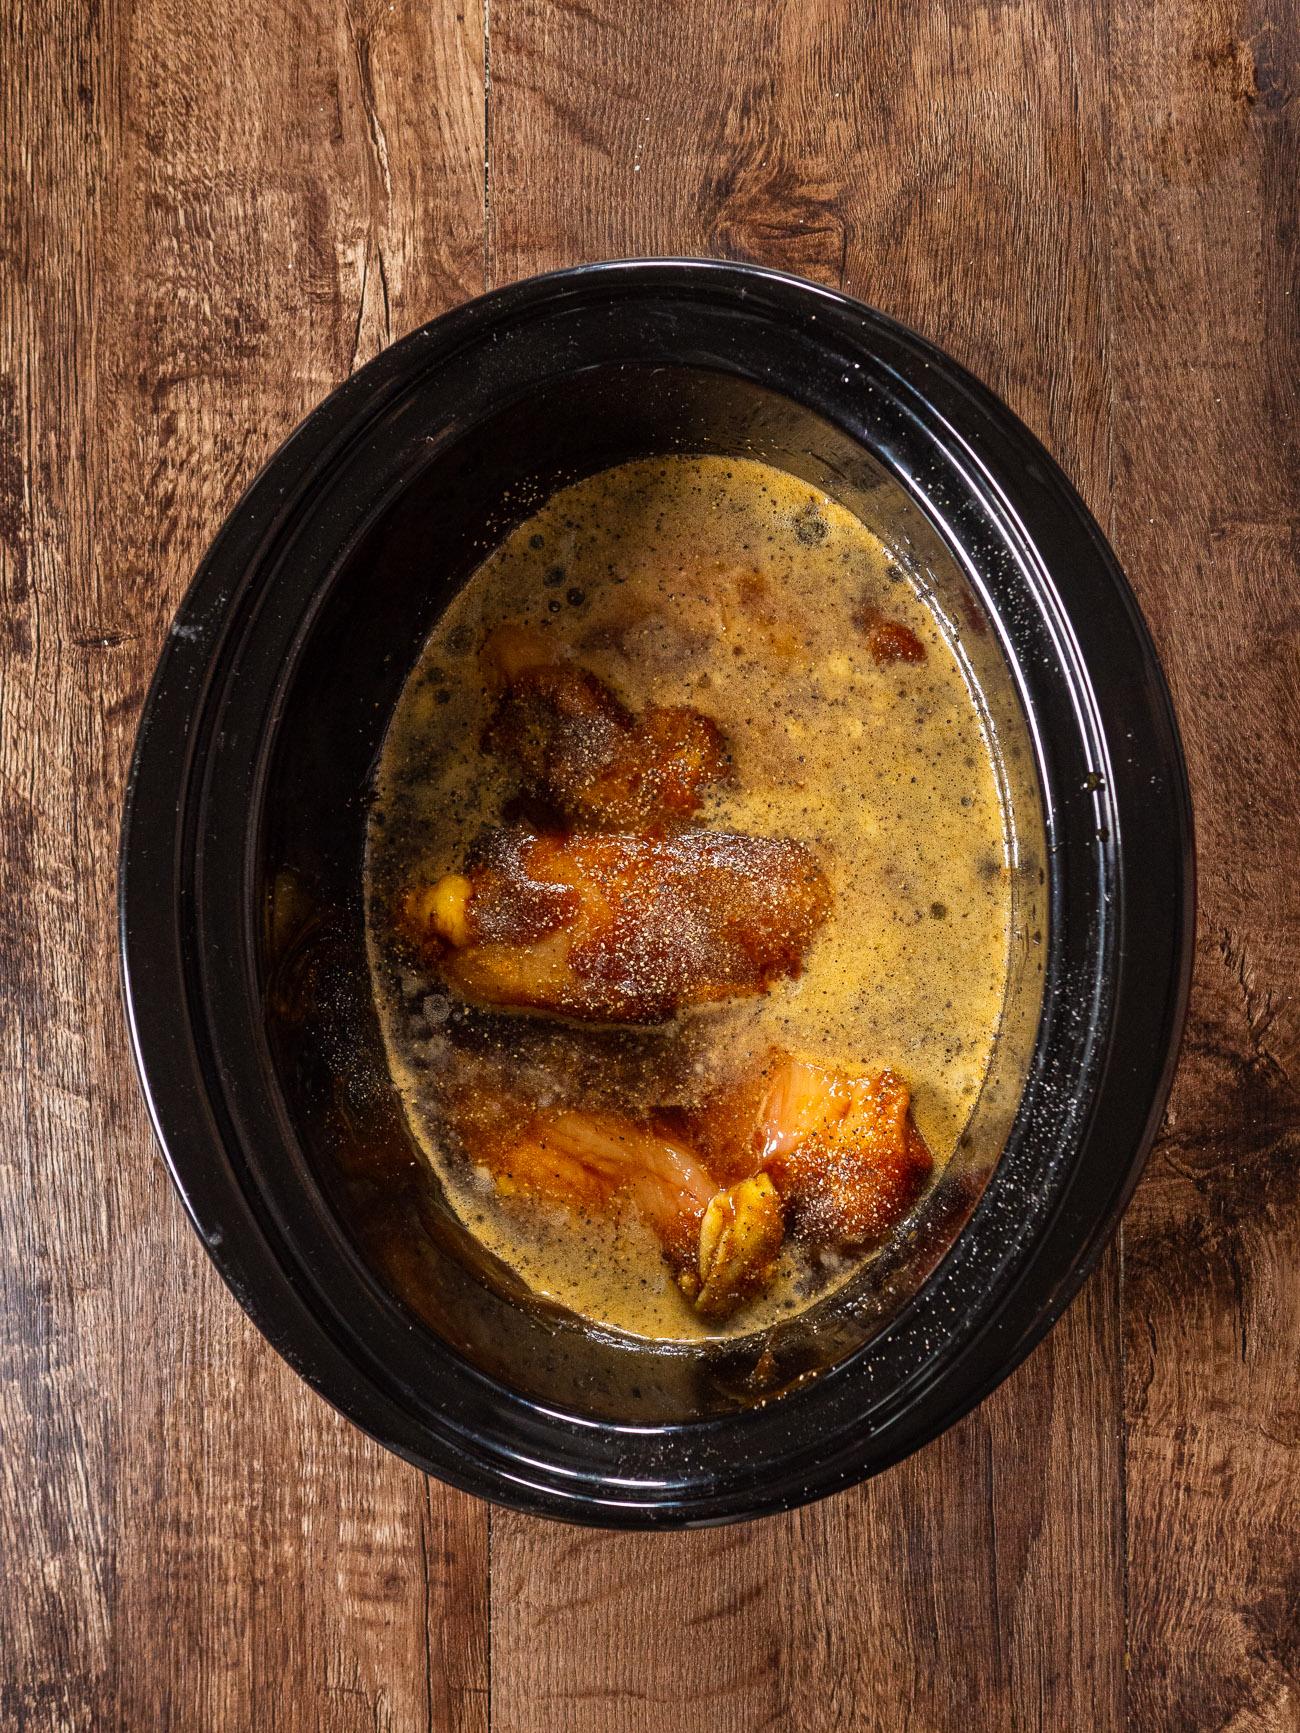 making Crock Pot Root Beer Chicken